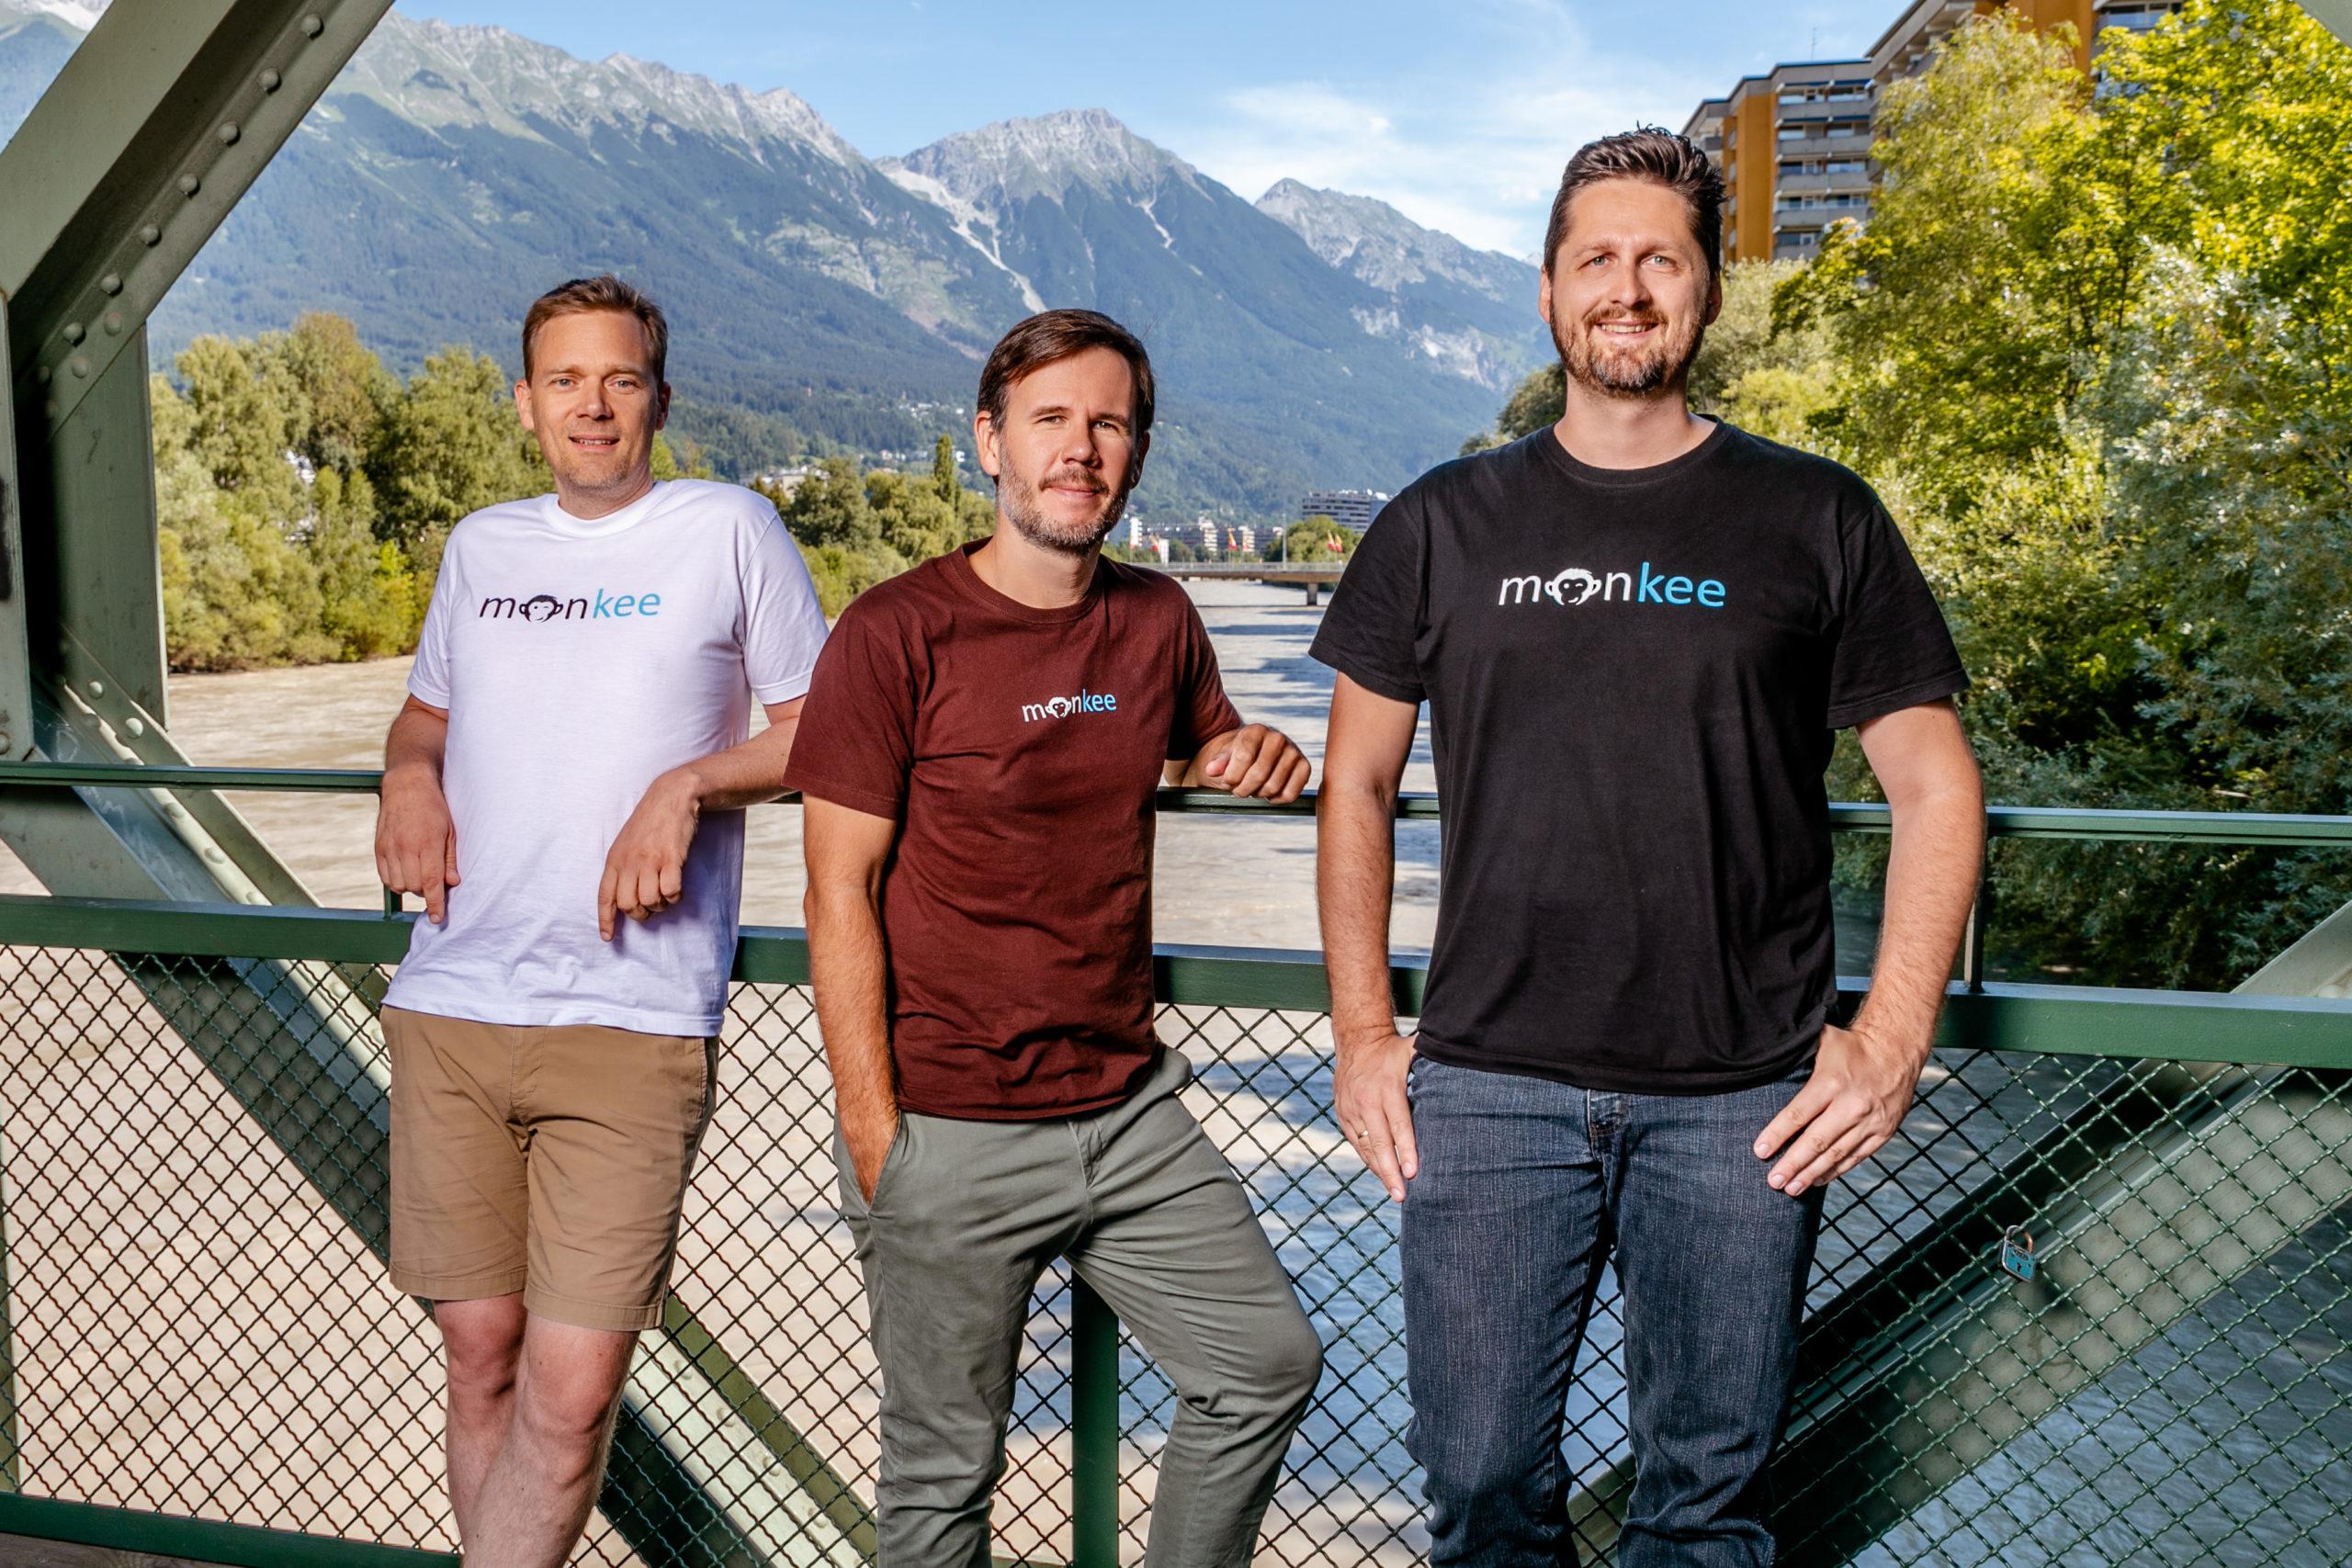 300dpi Monkee Gruenderteam Jean Yves Bitterlich Christian Schneider und Martin Granig C Monkee scaled - Startups rund um den Bodensee